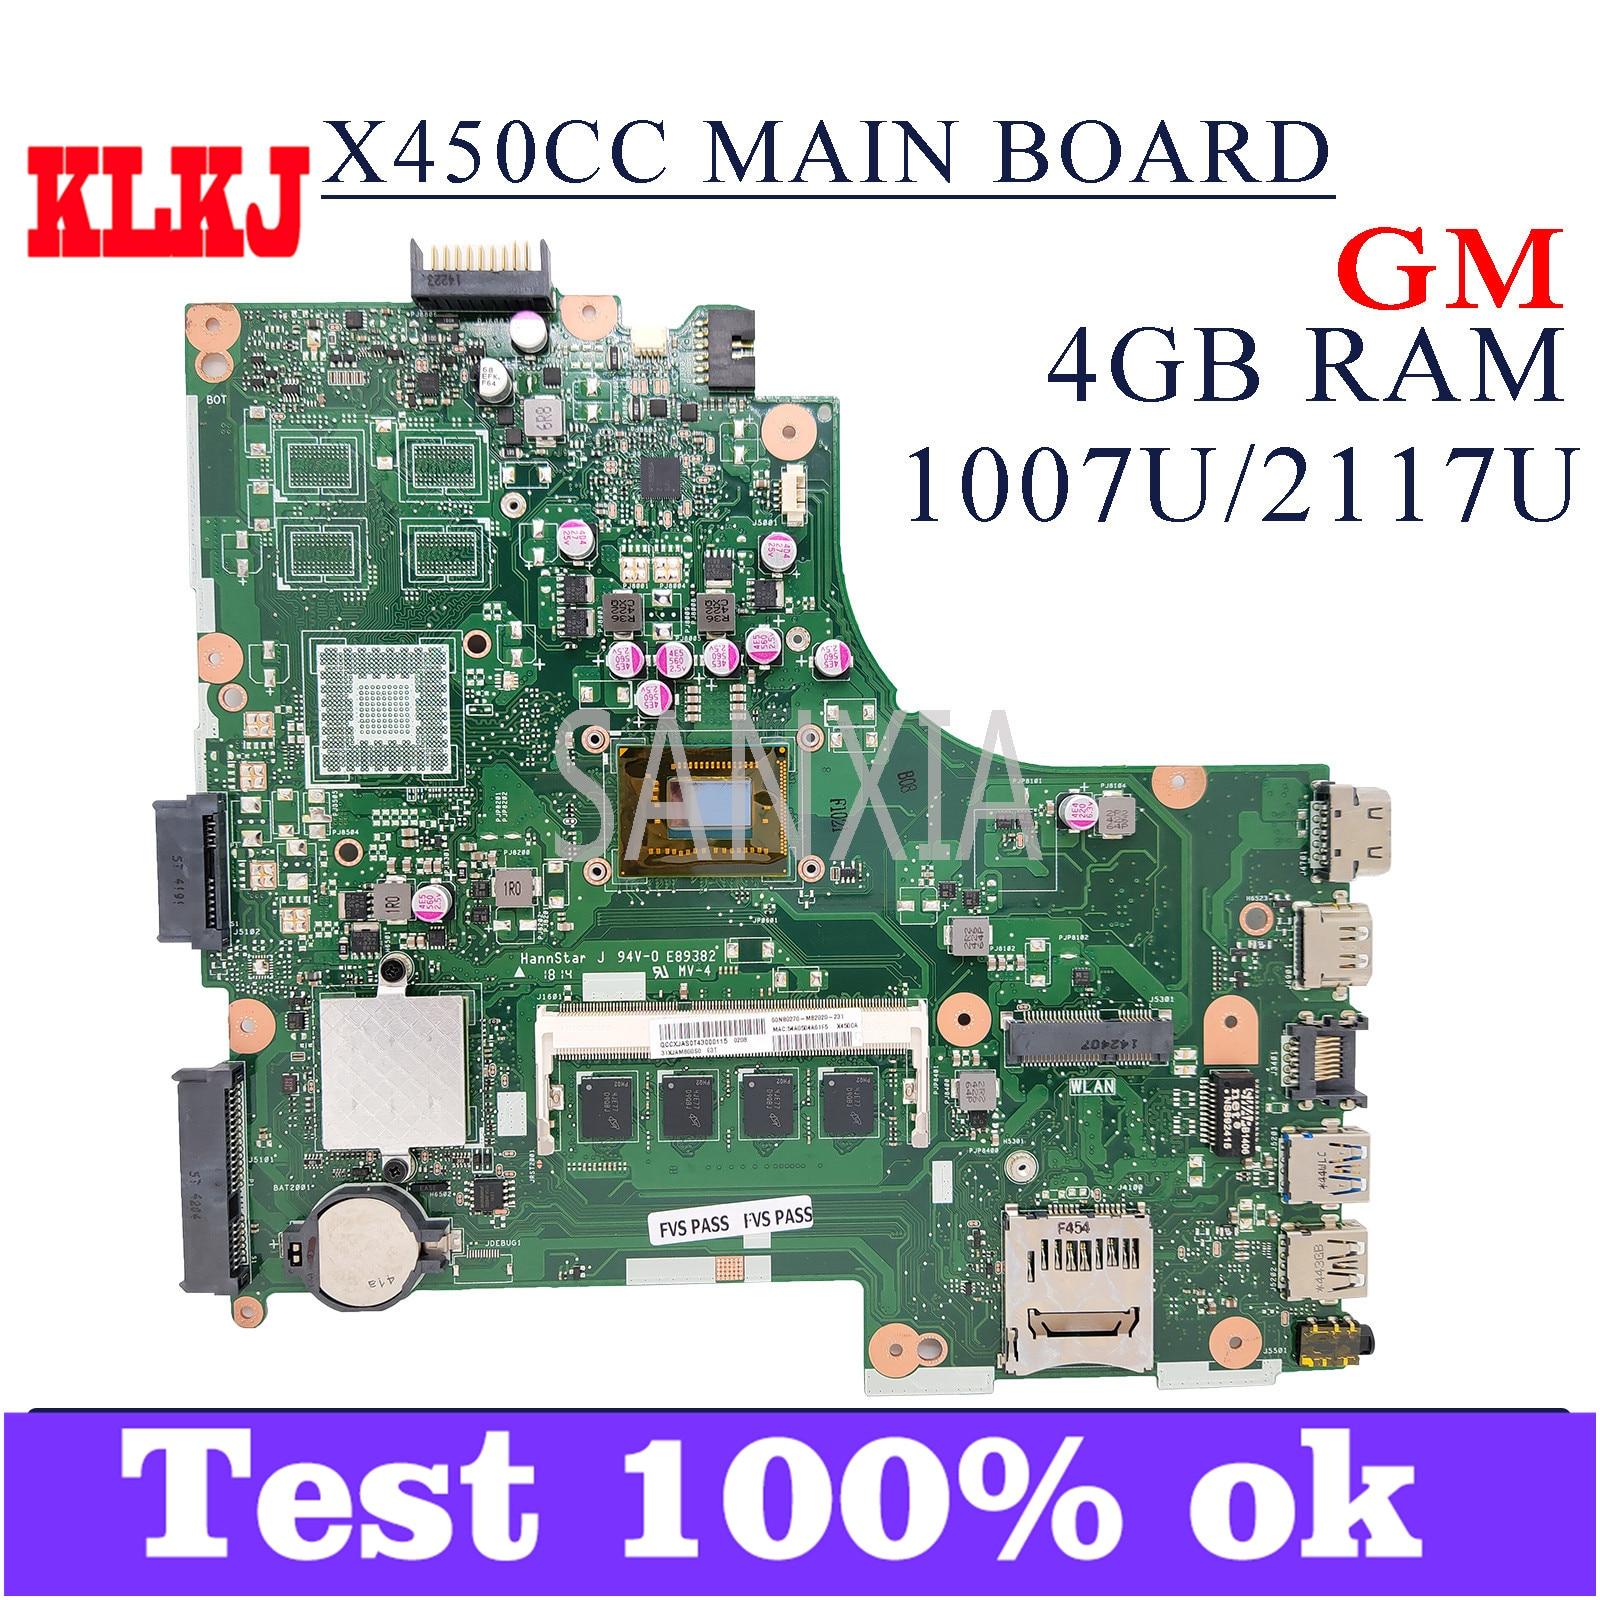 KLKJ X450CC لوحة الأم للكمبيوتر المحمول ASUS X450CA X450C اللوحة الرئيسية الأصلية 4GB-RAM 1007U/2117U GM